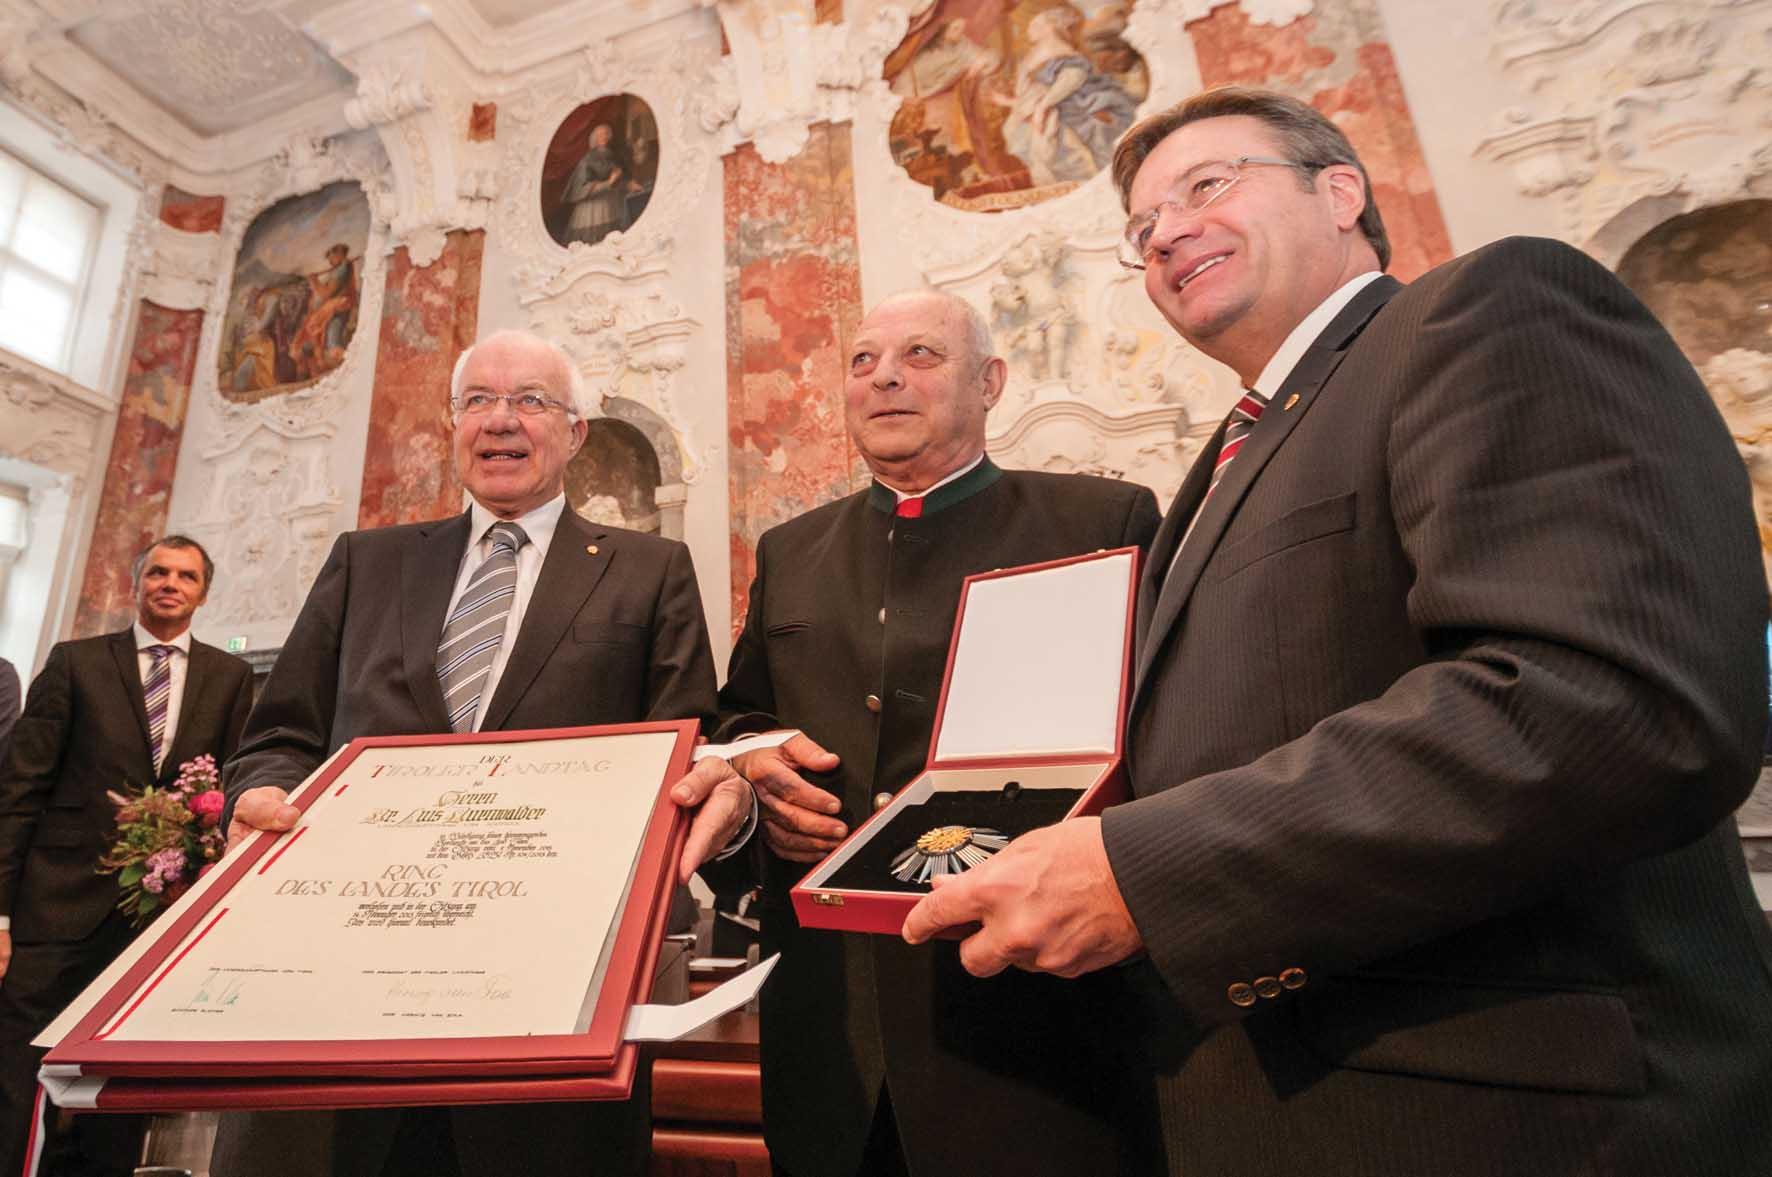 Durnwalder tra il presidente delConsiglio-Herwig-van-Staa-e-il-governatore-Günther-Platter-ilnordest